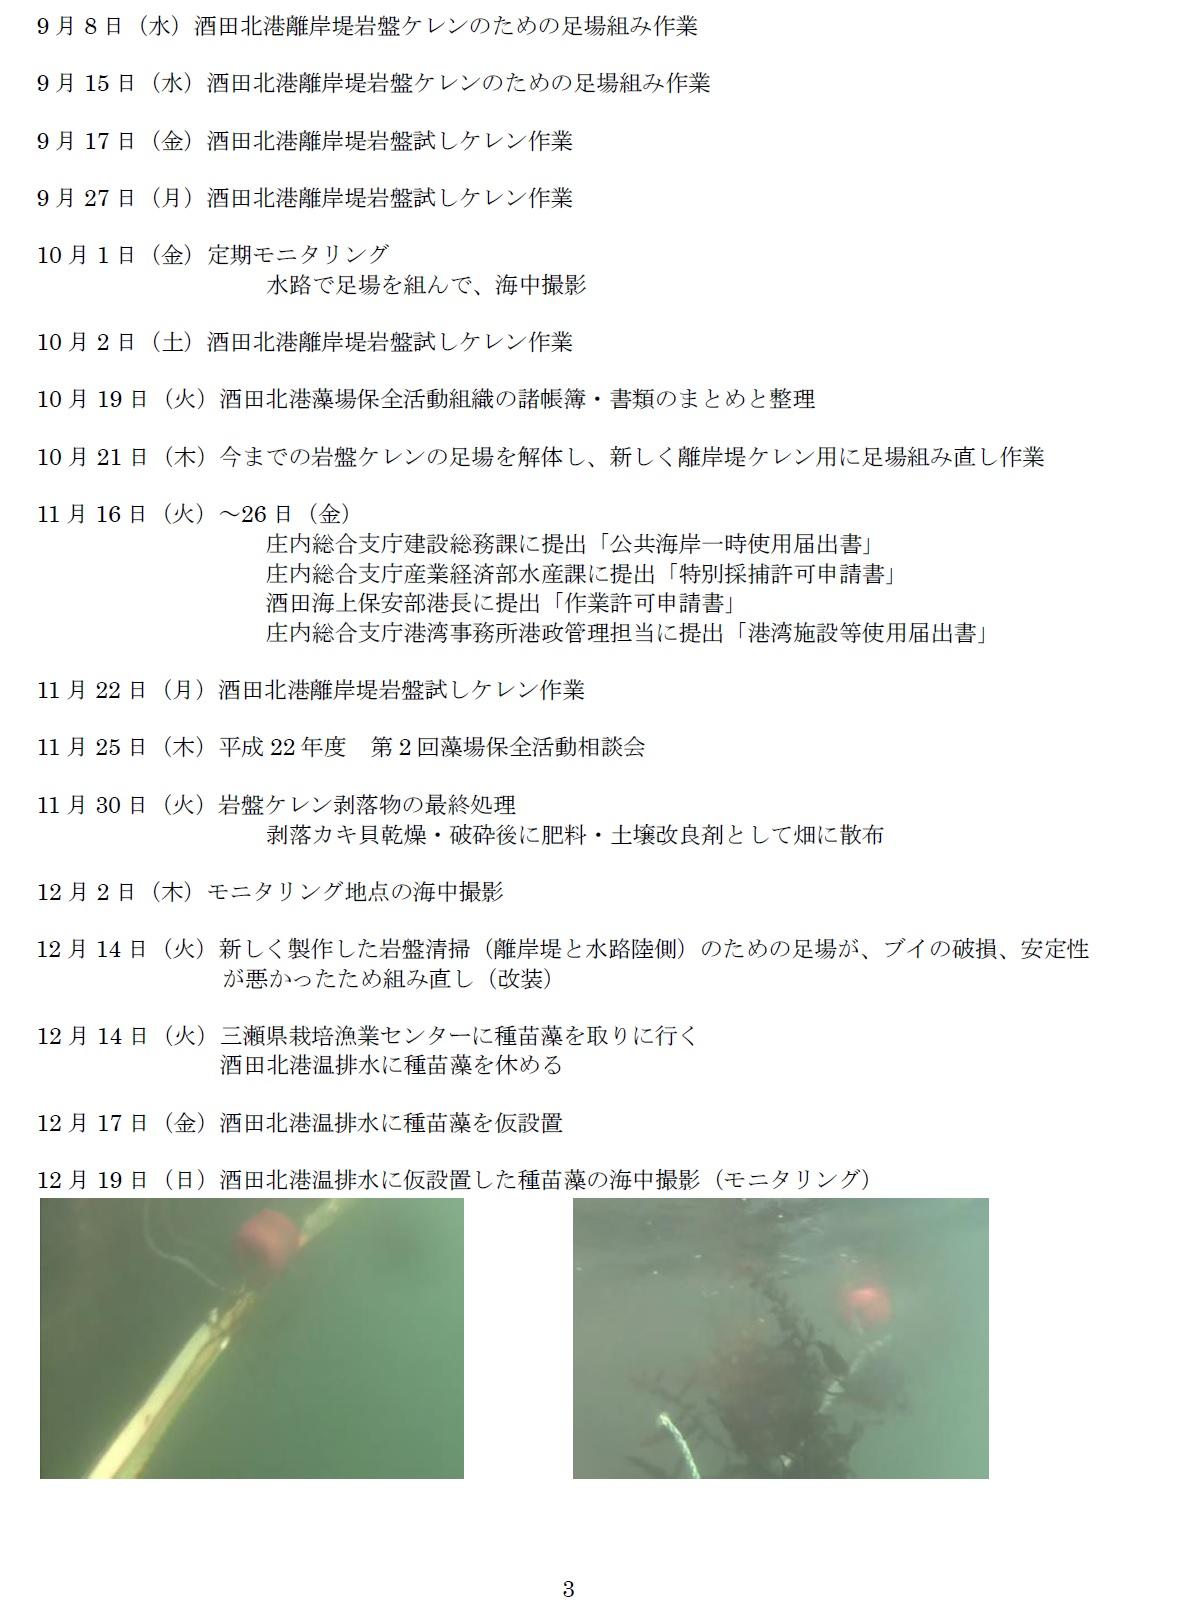 平成23年度酒田北港藻場保全活動組織活動報告